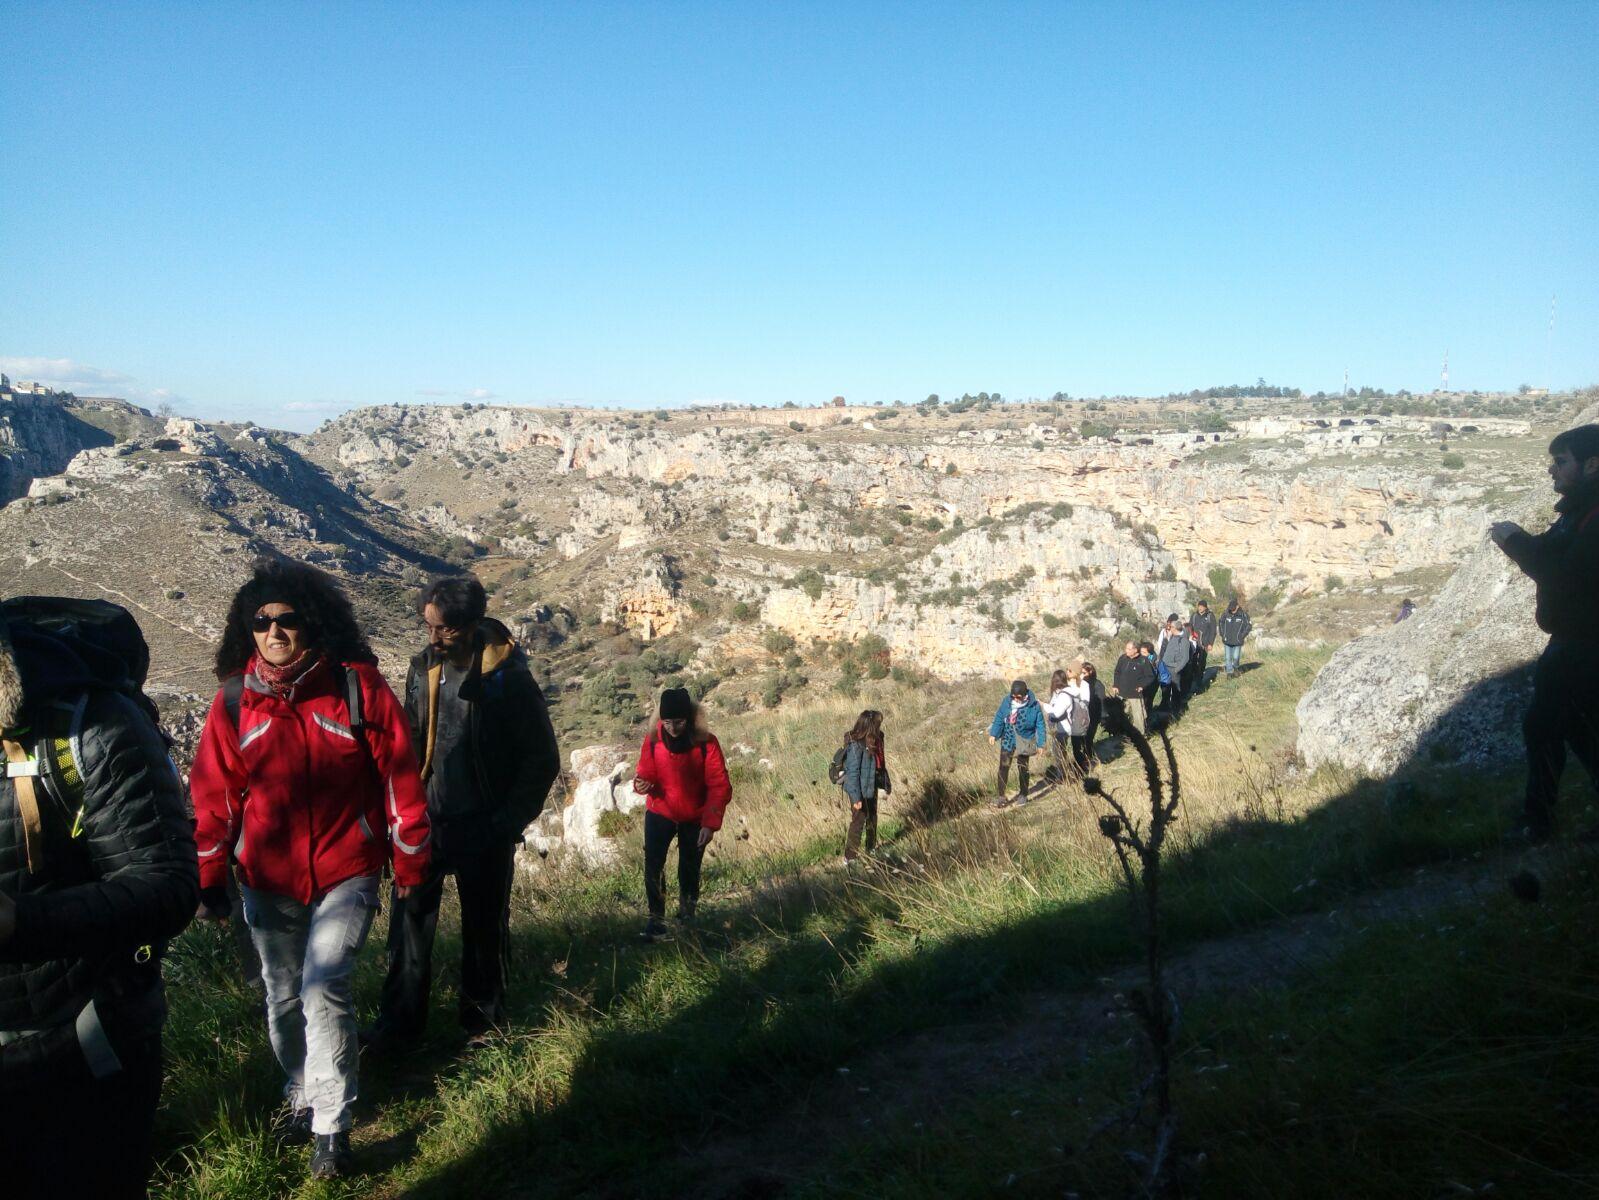 Guida nel Parco della Murgia Materana accompagnando un gruppo di escursionisti